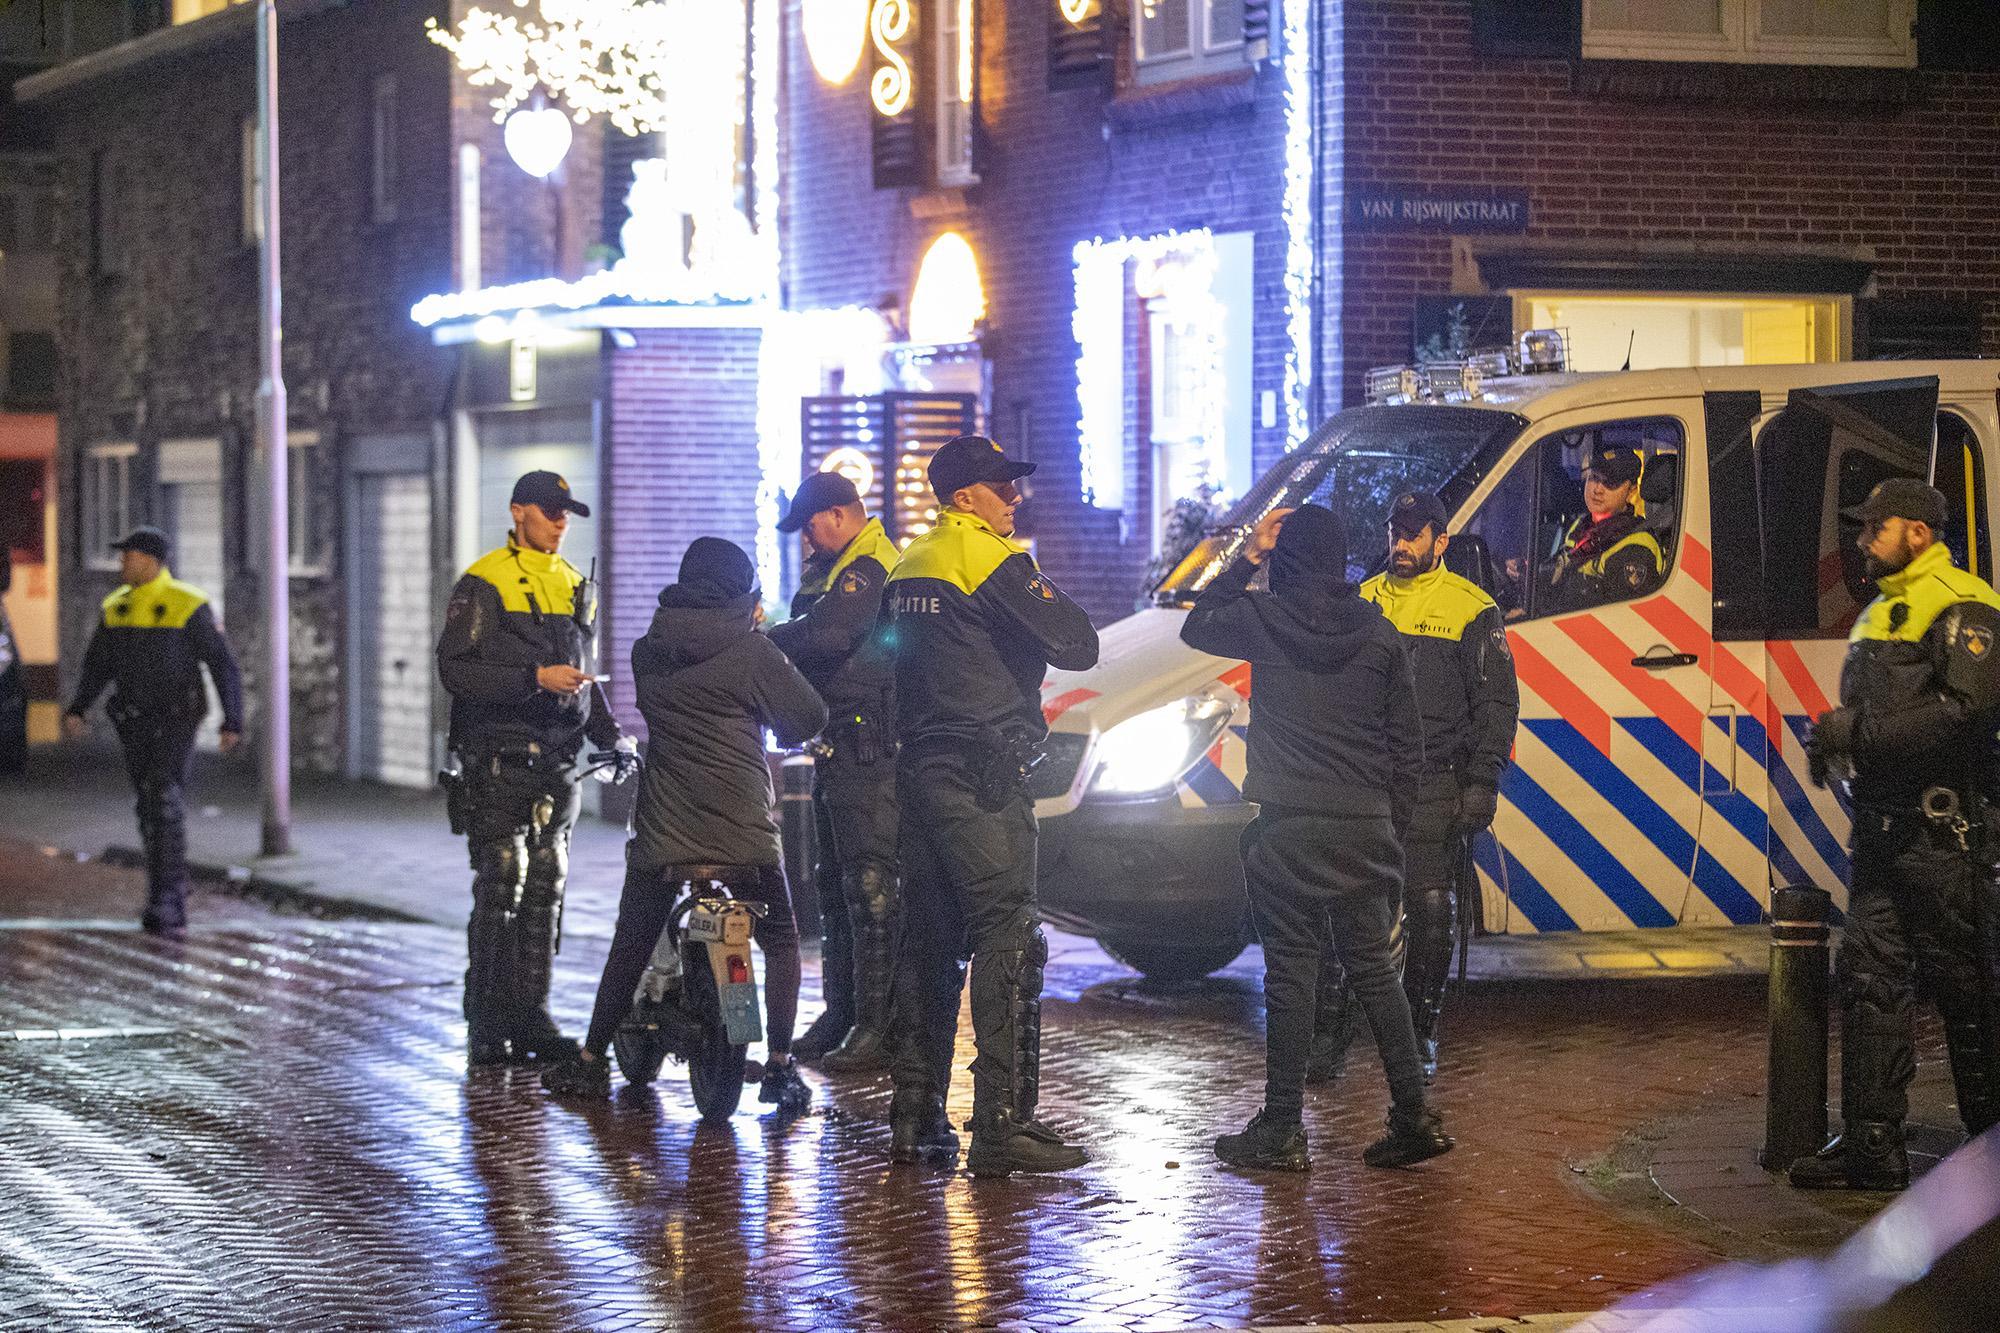 Burgemeester Dales is zeer verontwaardigd over rellen in Velsen-Noord: 'Dit is ongekend voor Velsen'